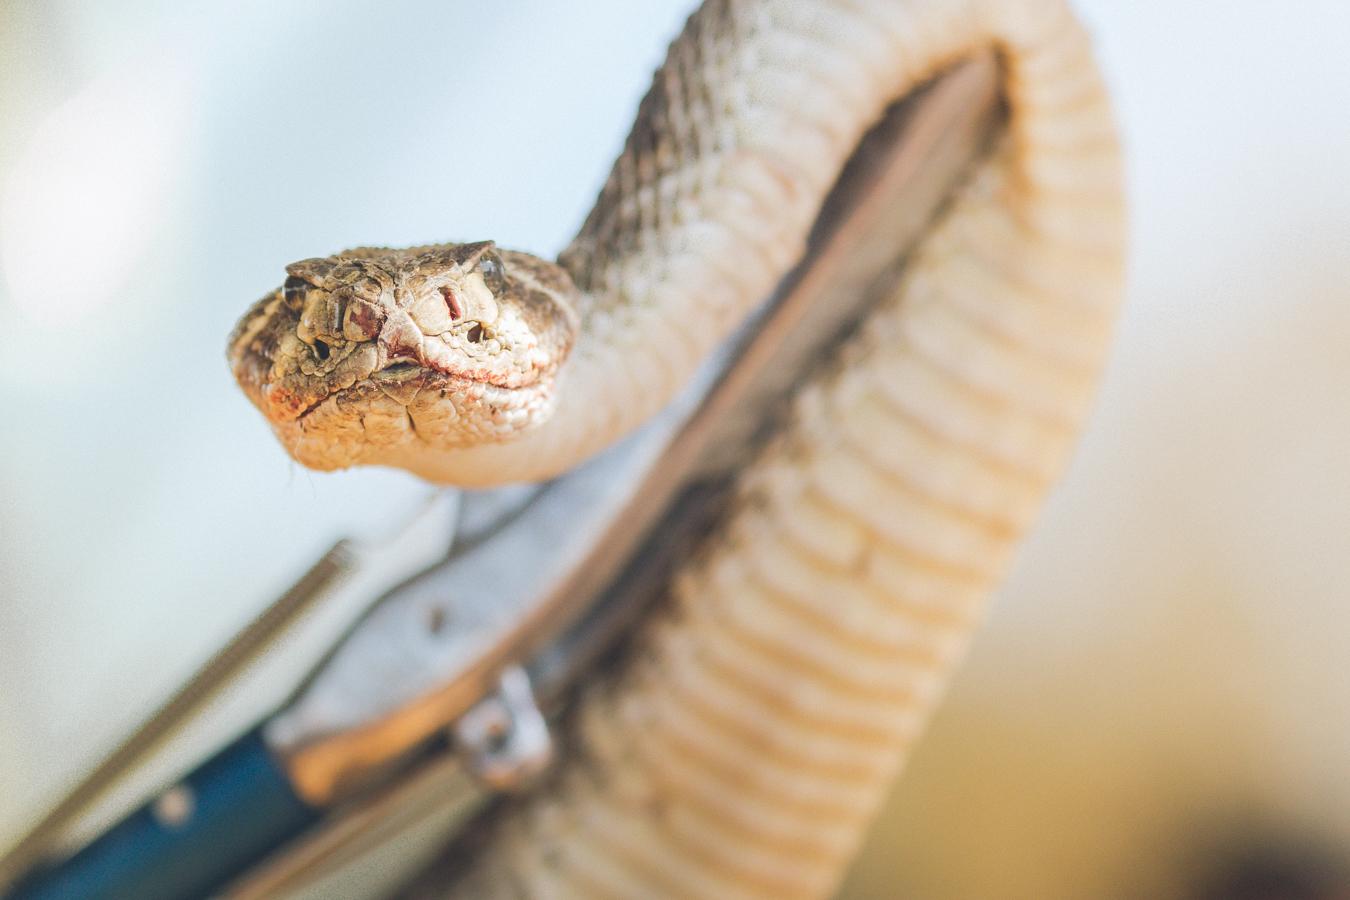 gl-bees-snakes-7704.jpg